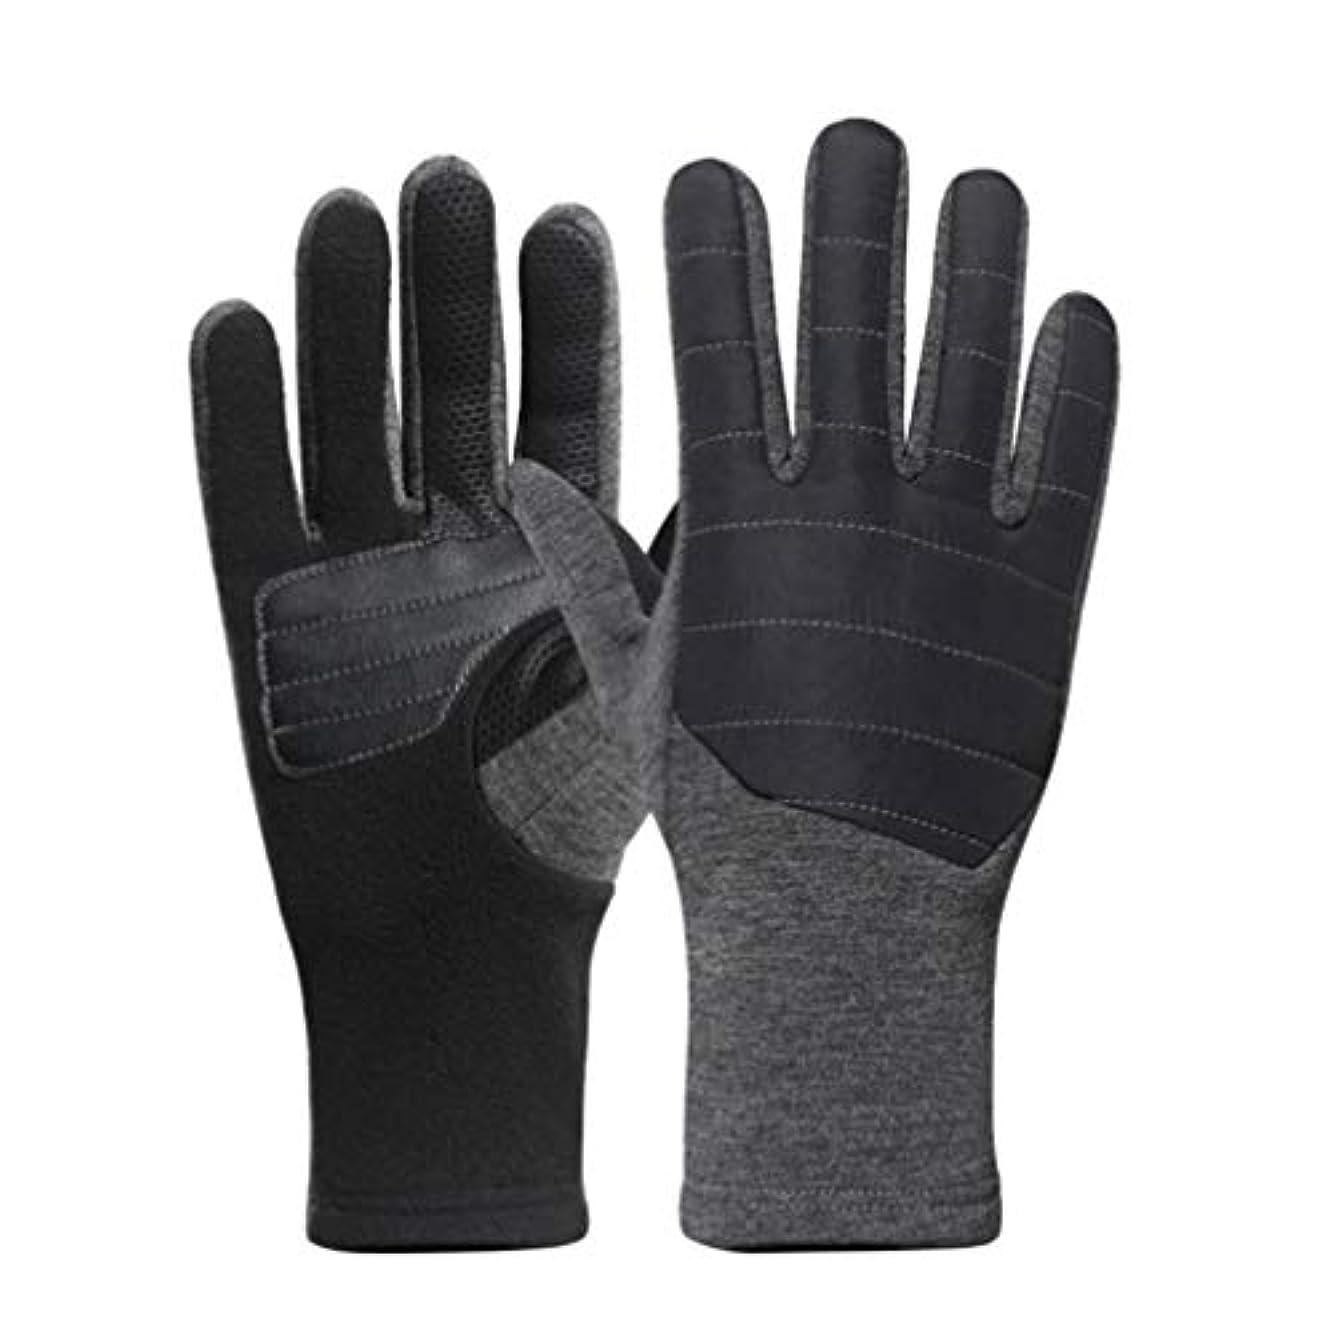 公平バタフライ主LIOOBO 1ペア男性フリース手袋タッチスクリーン指手袋ぬいぐるみ冬手袋暖かい手衣装屋外乗馬登山ハイキング